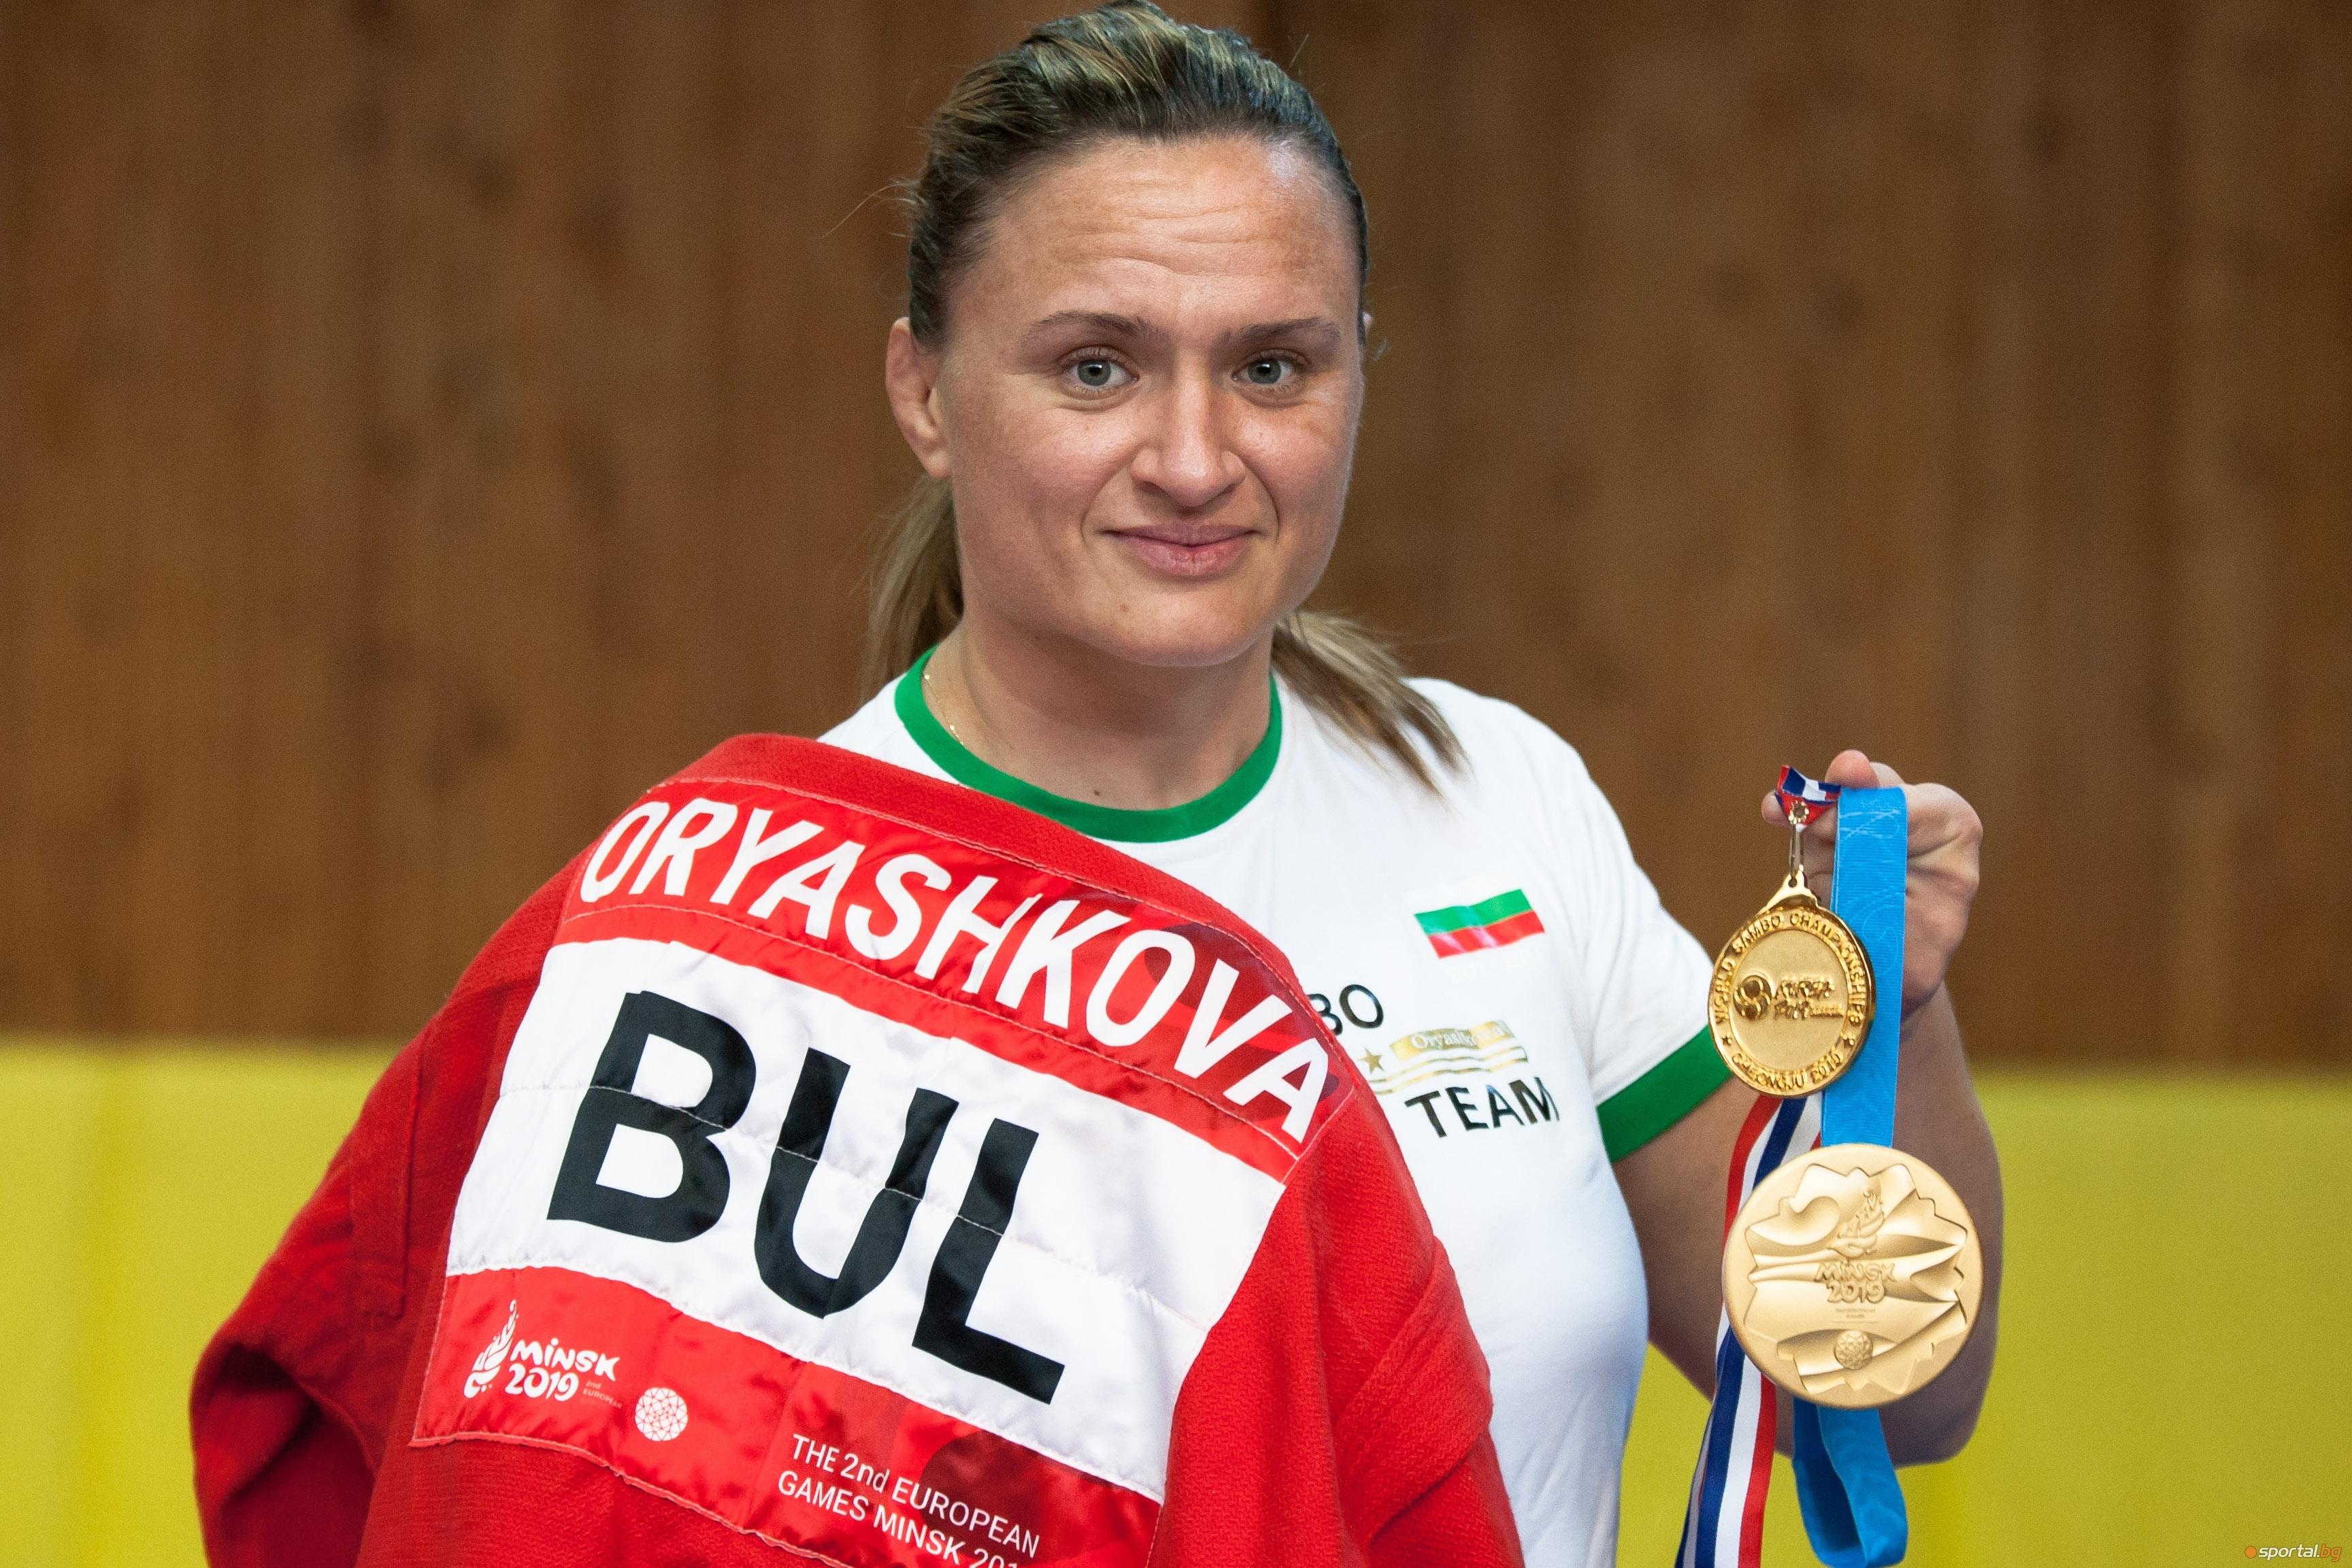 Една жена продължава да пише история в българския спорт. През